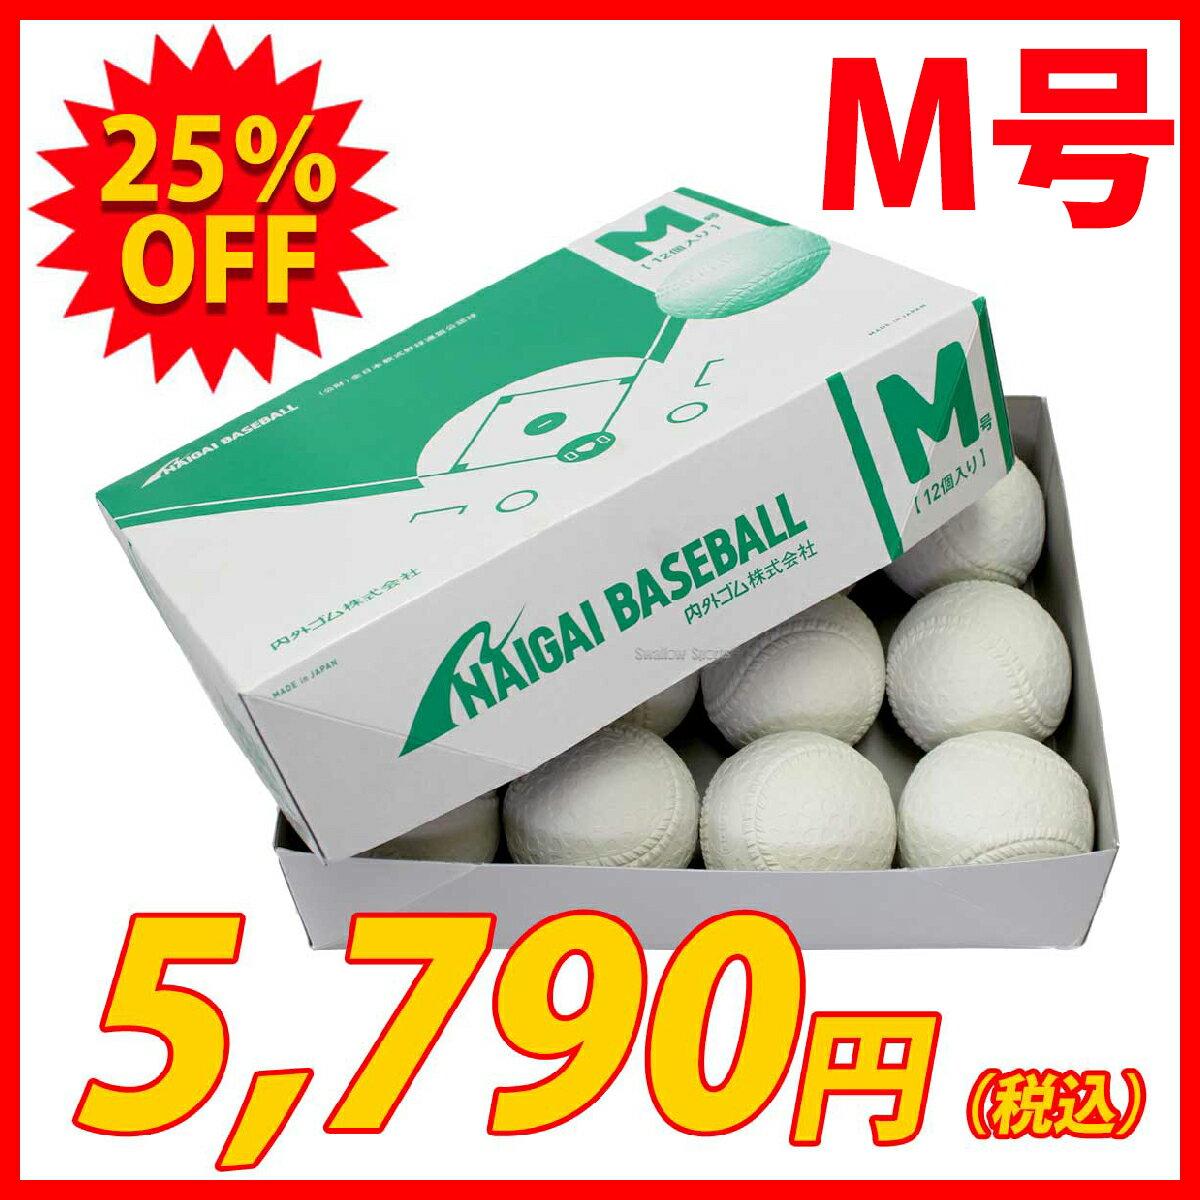 【あす楽対応】 ナイガイ 試合球 軟式 ボール M号 naigai-M ※ダース販売(12個入) 野球用品 スワロースポーツ お年玉 新年会 初売り